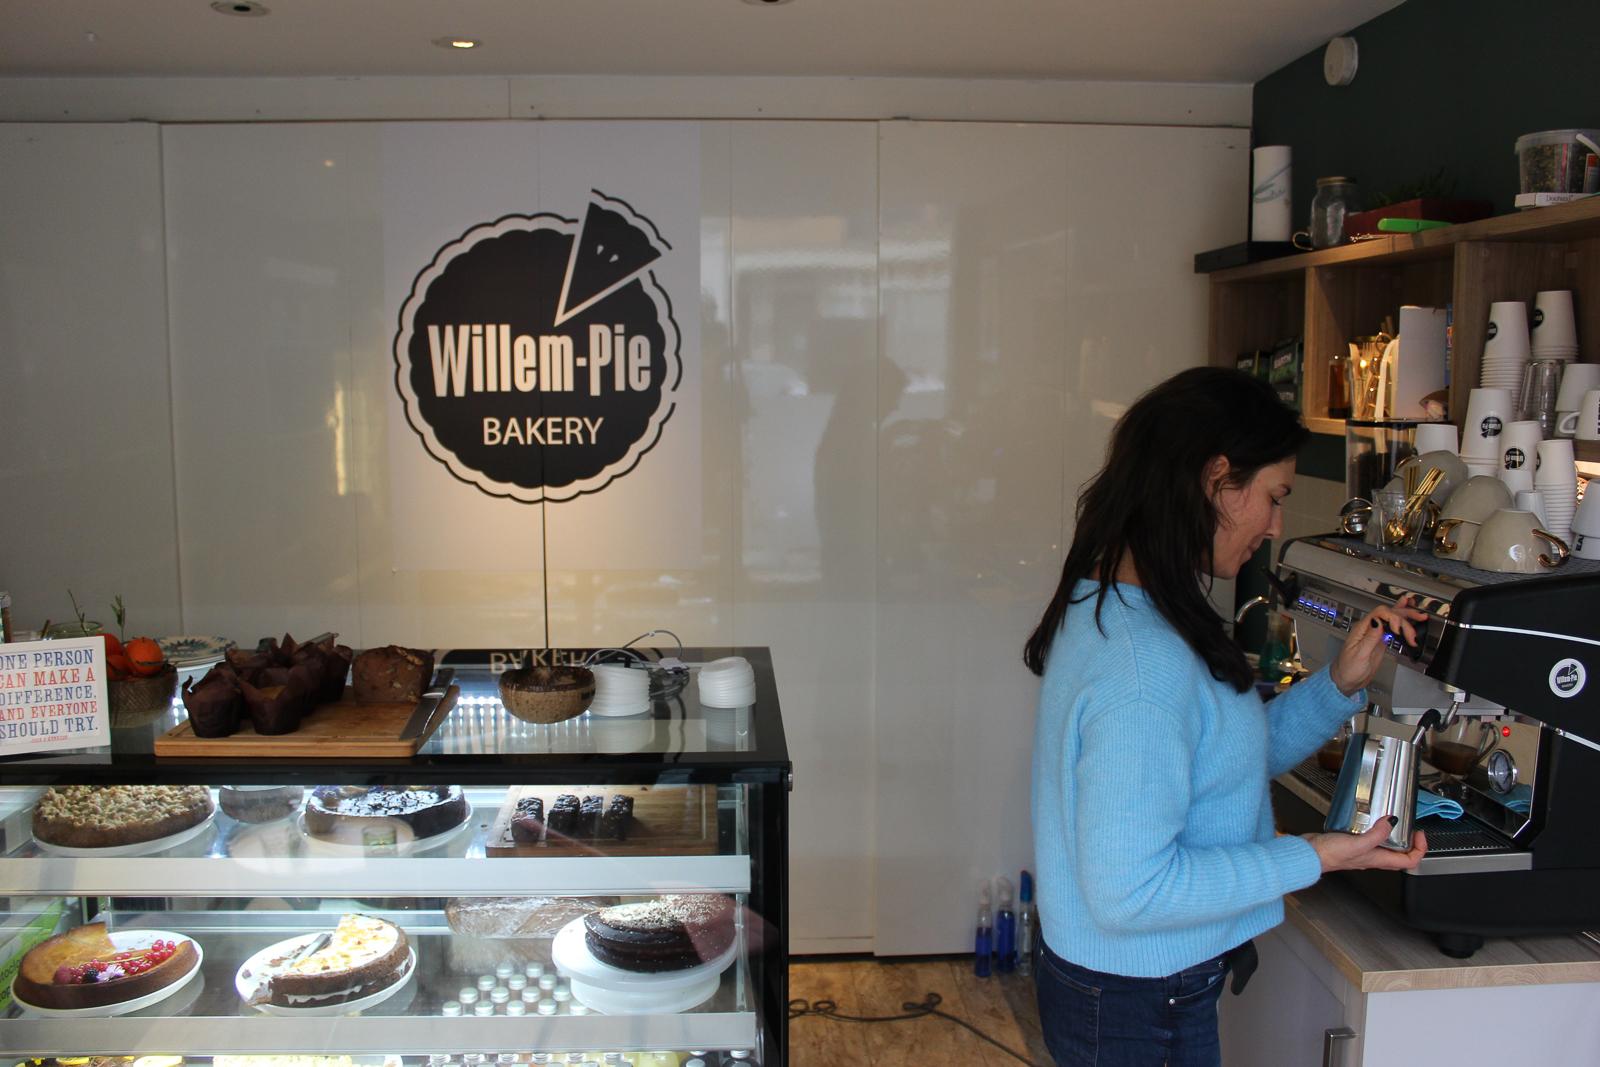 willem-pie amsterdam